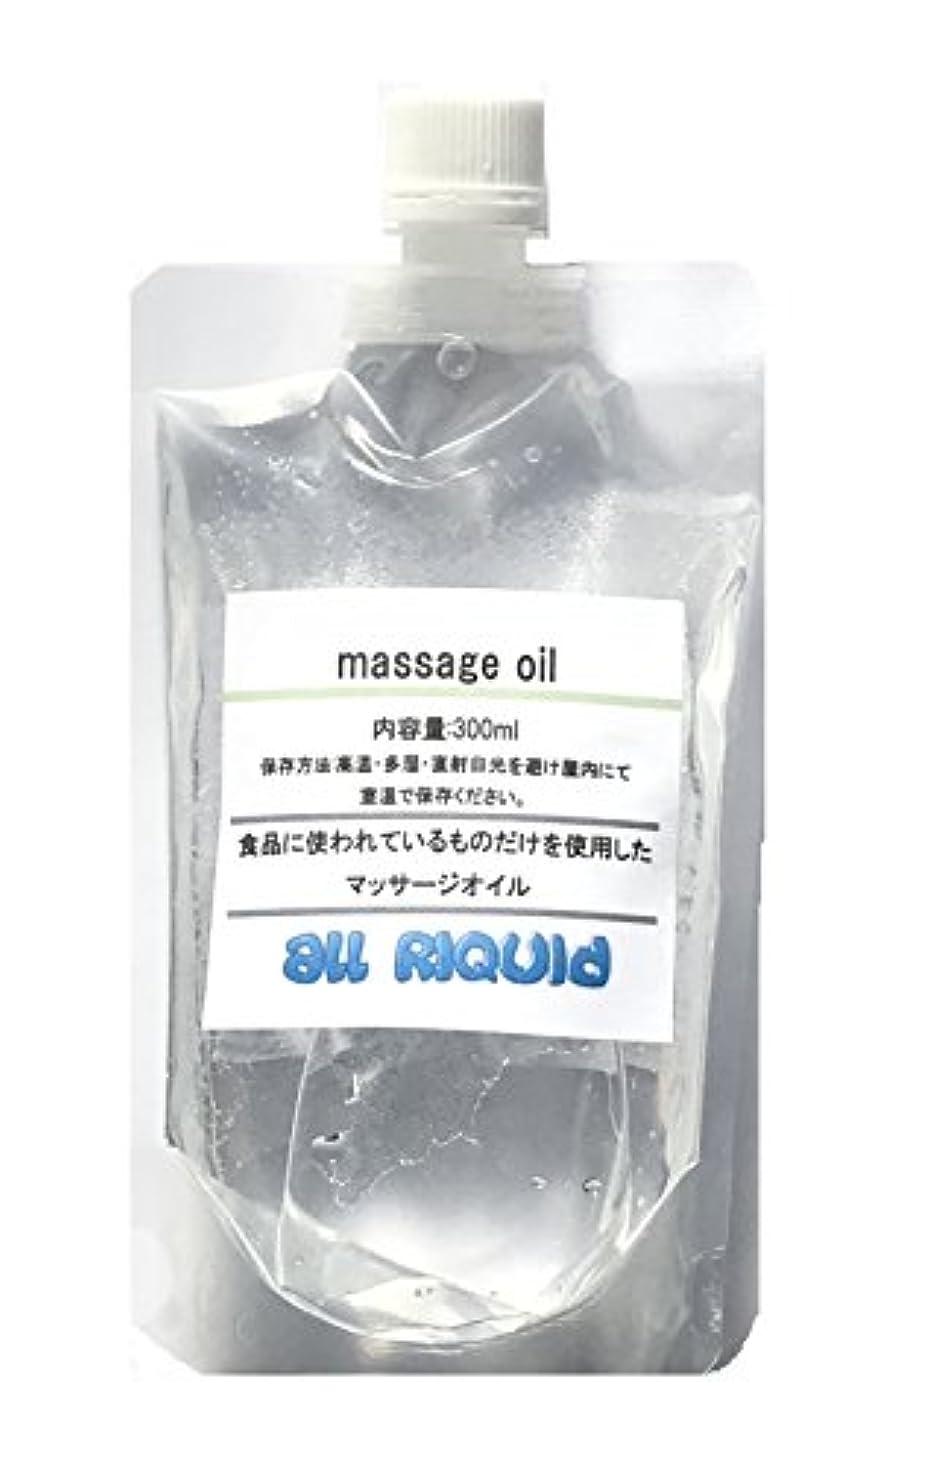 緊張ジョージハンブリーマーキング(国産) 食品に使われているものしか入っていないアロママッサージオイル 優雅 ローズオイル入り オールリキッド 300ml (グリセリン クエン酸) 配合 大容量